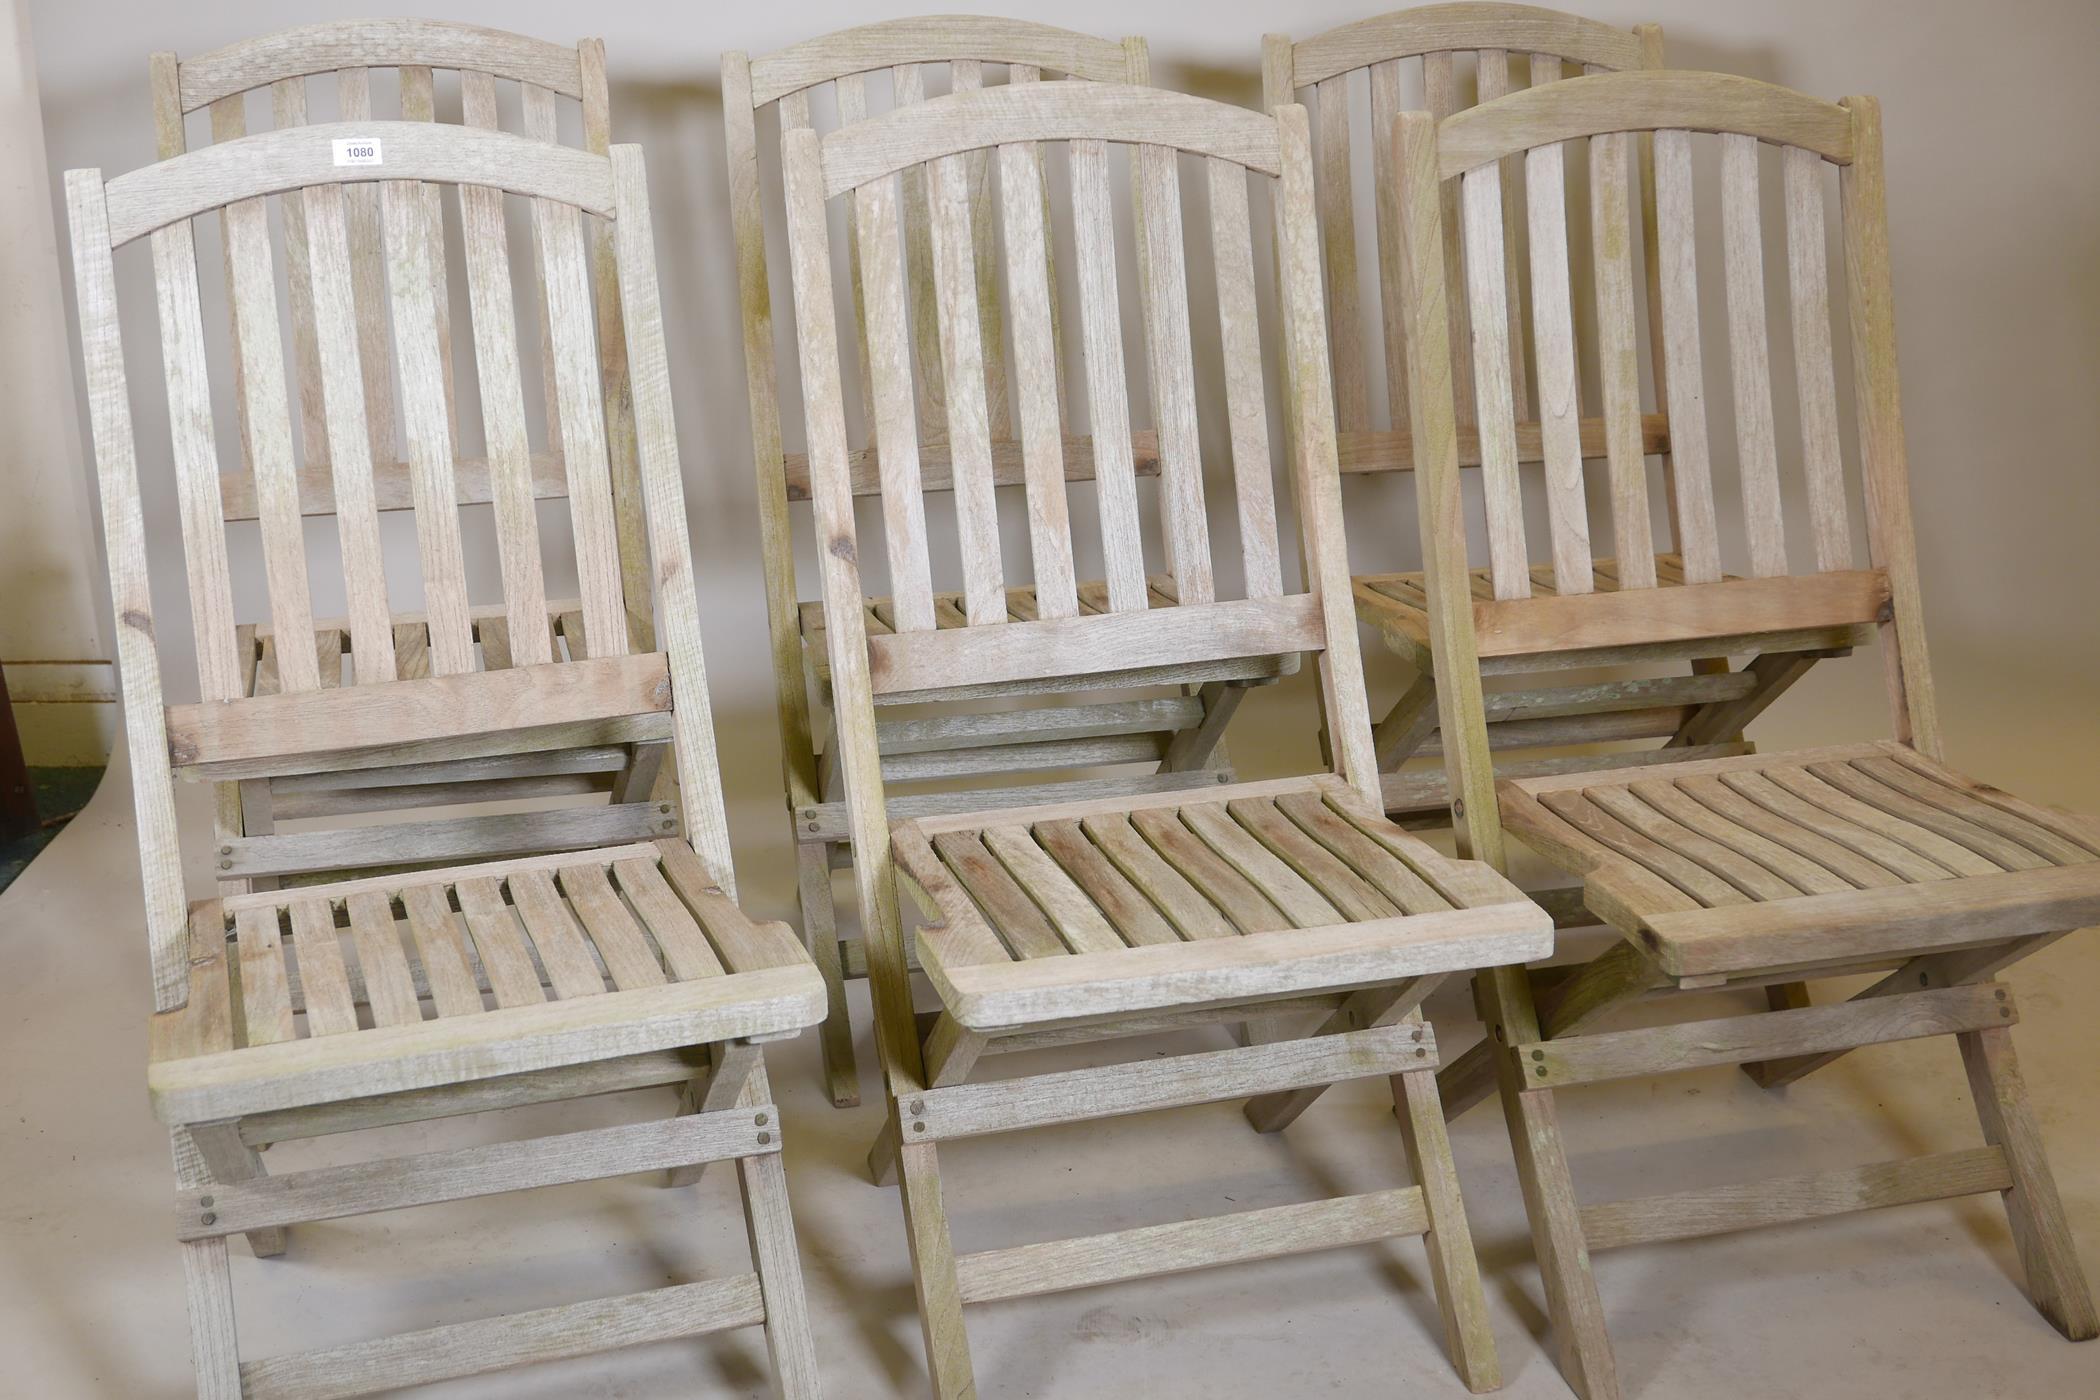 A set of six Heal's teak folding garden chairs